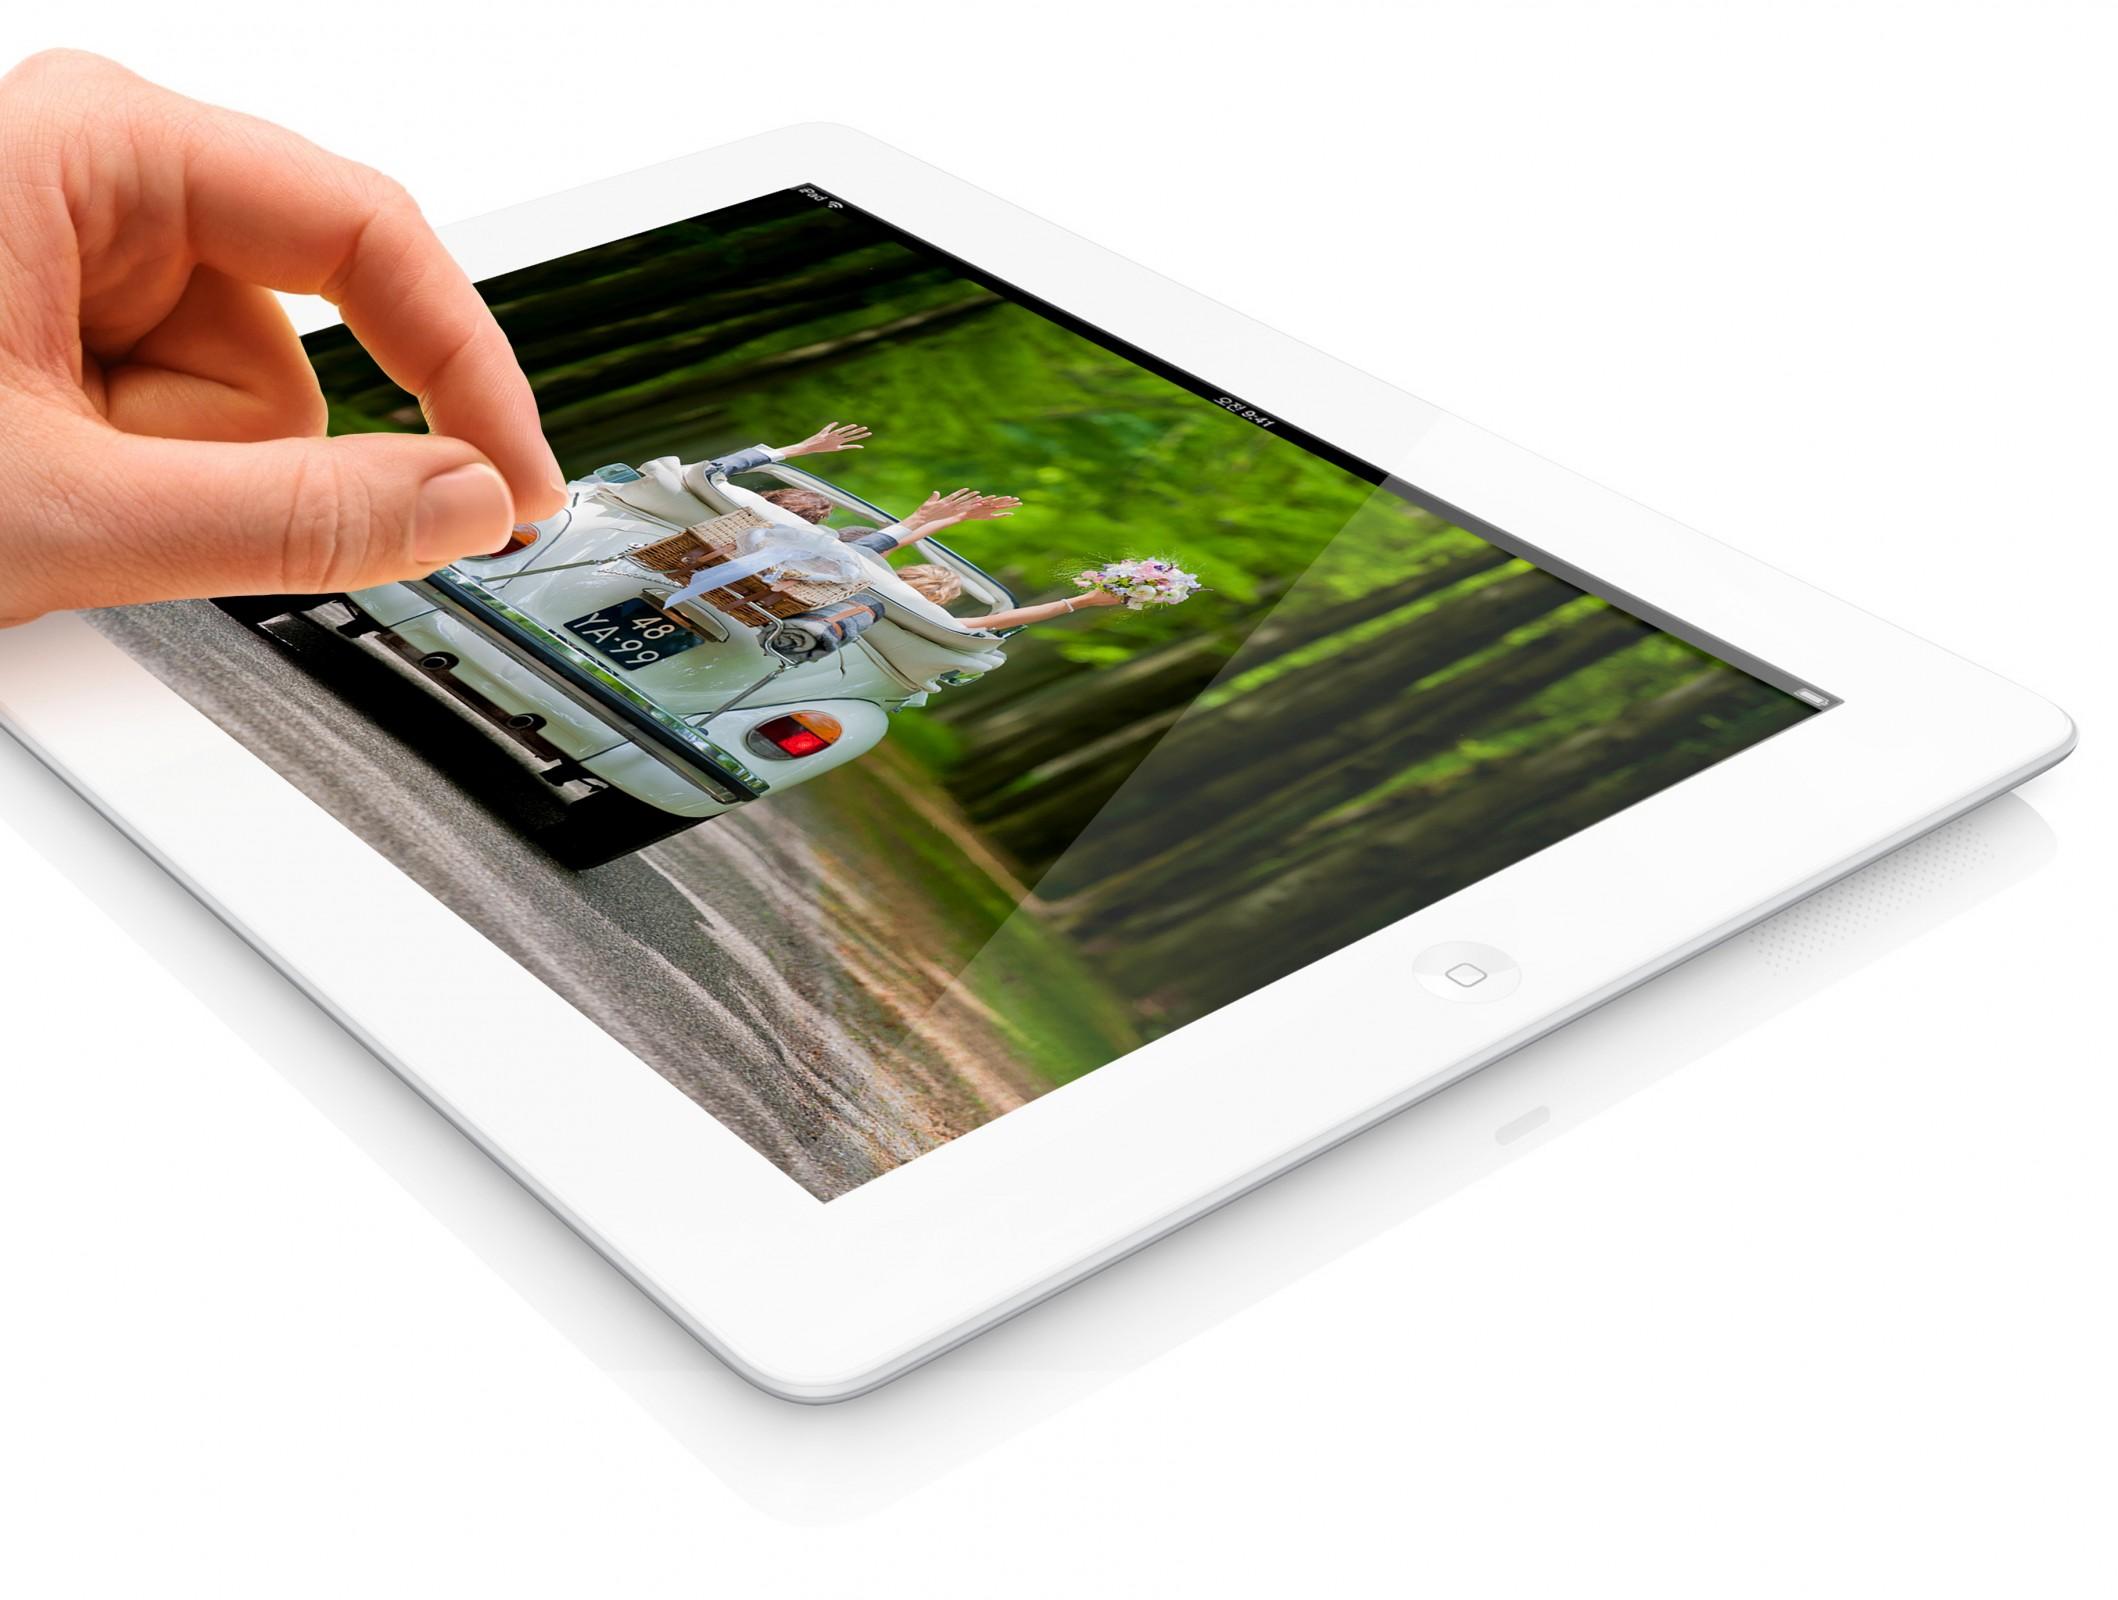 De winnaars van de iPad actie zijn bekend!